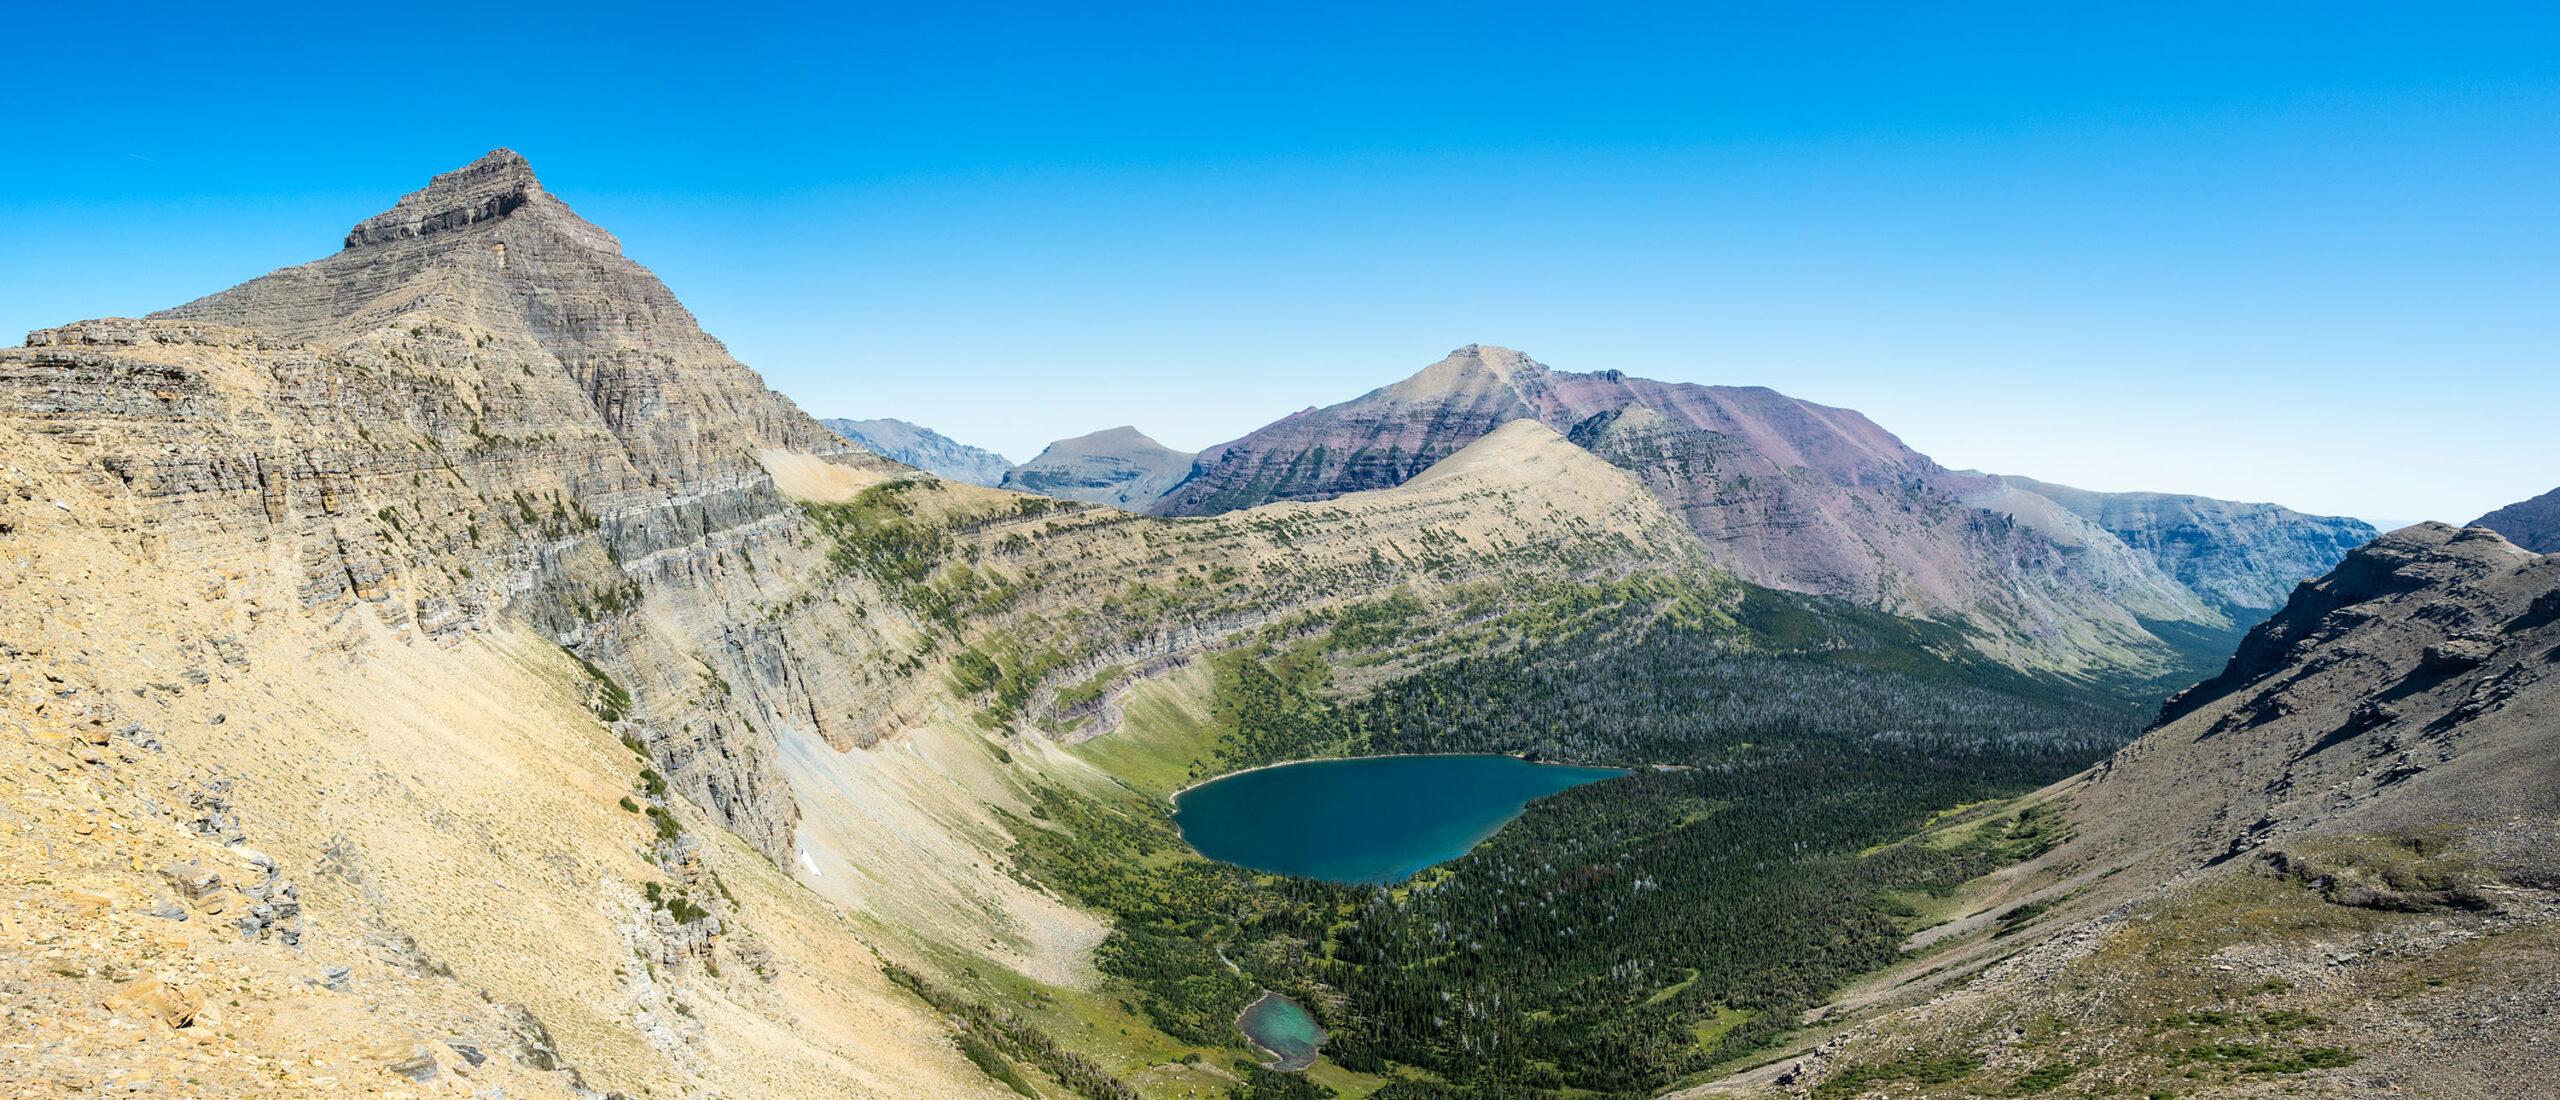 Oldman Lake, Mt. Morgan, Red Mountain